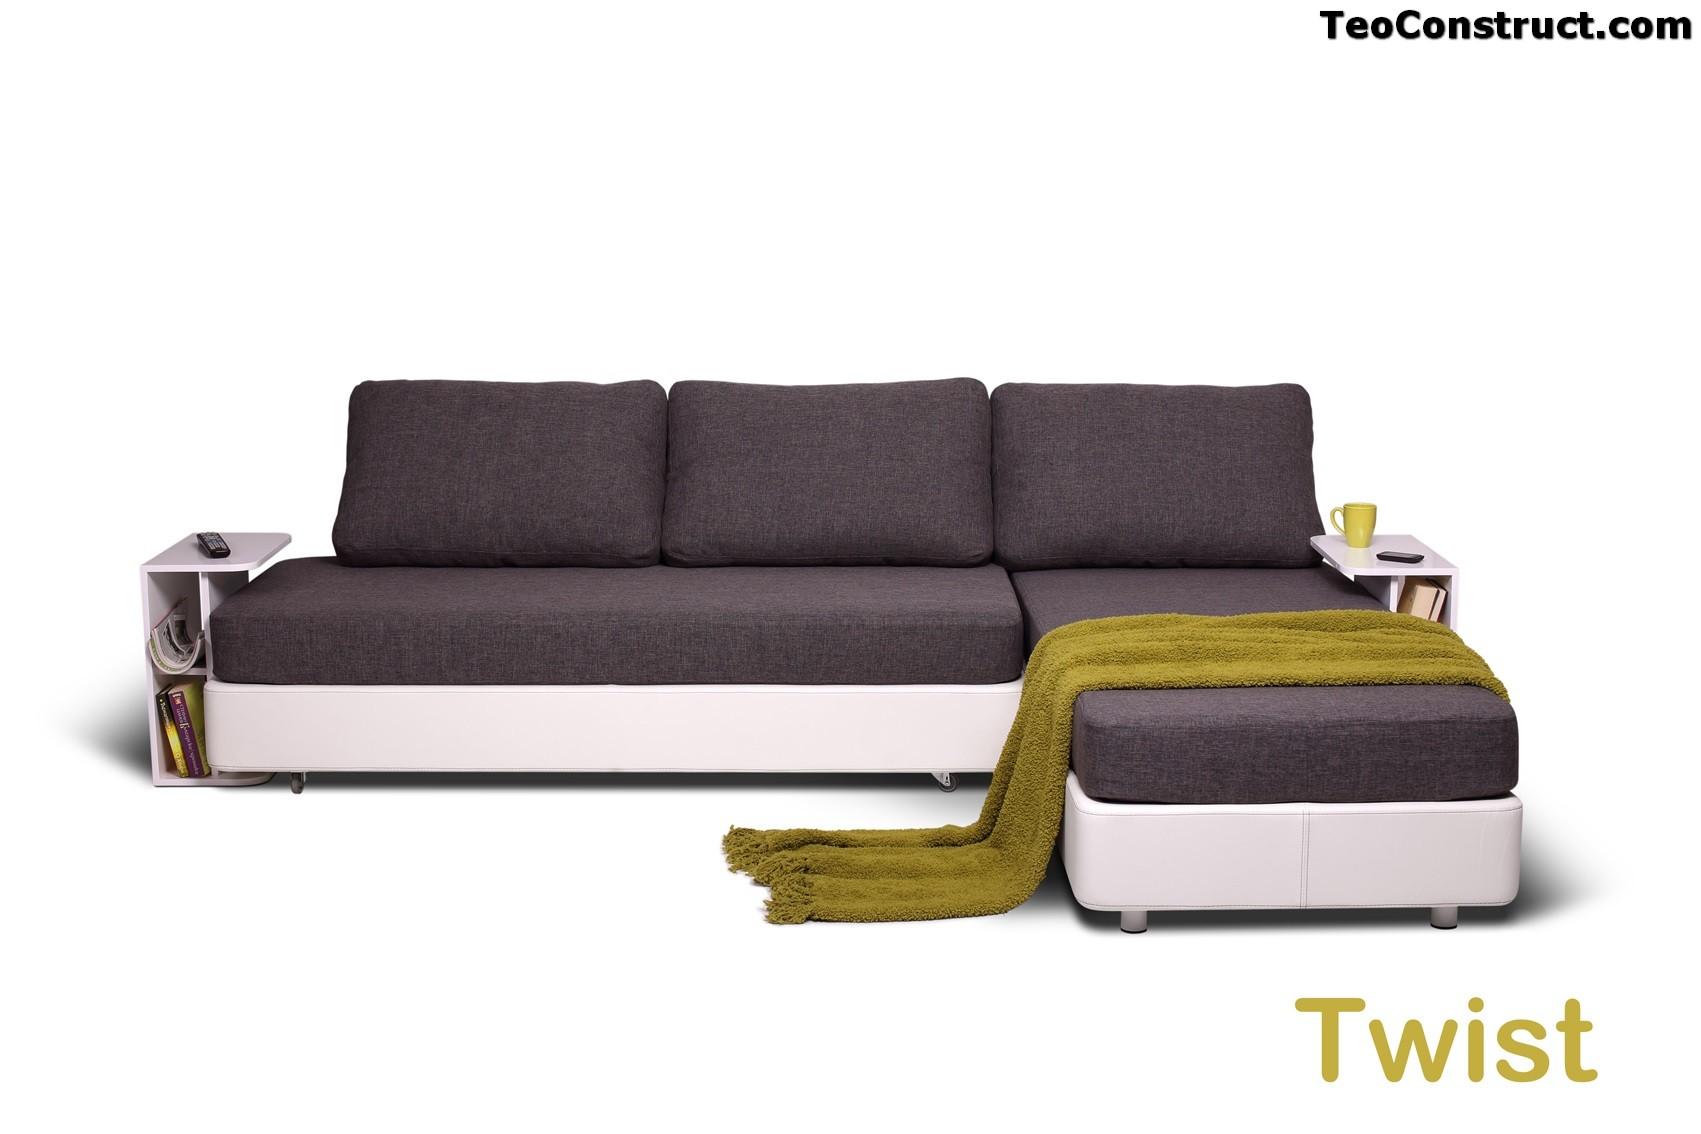 Canapea Twist pentru apartament01